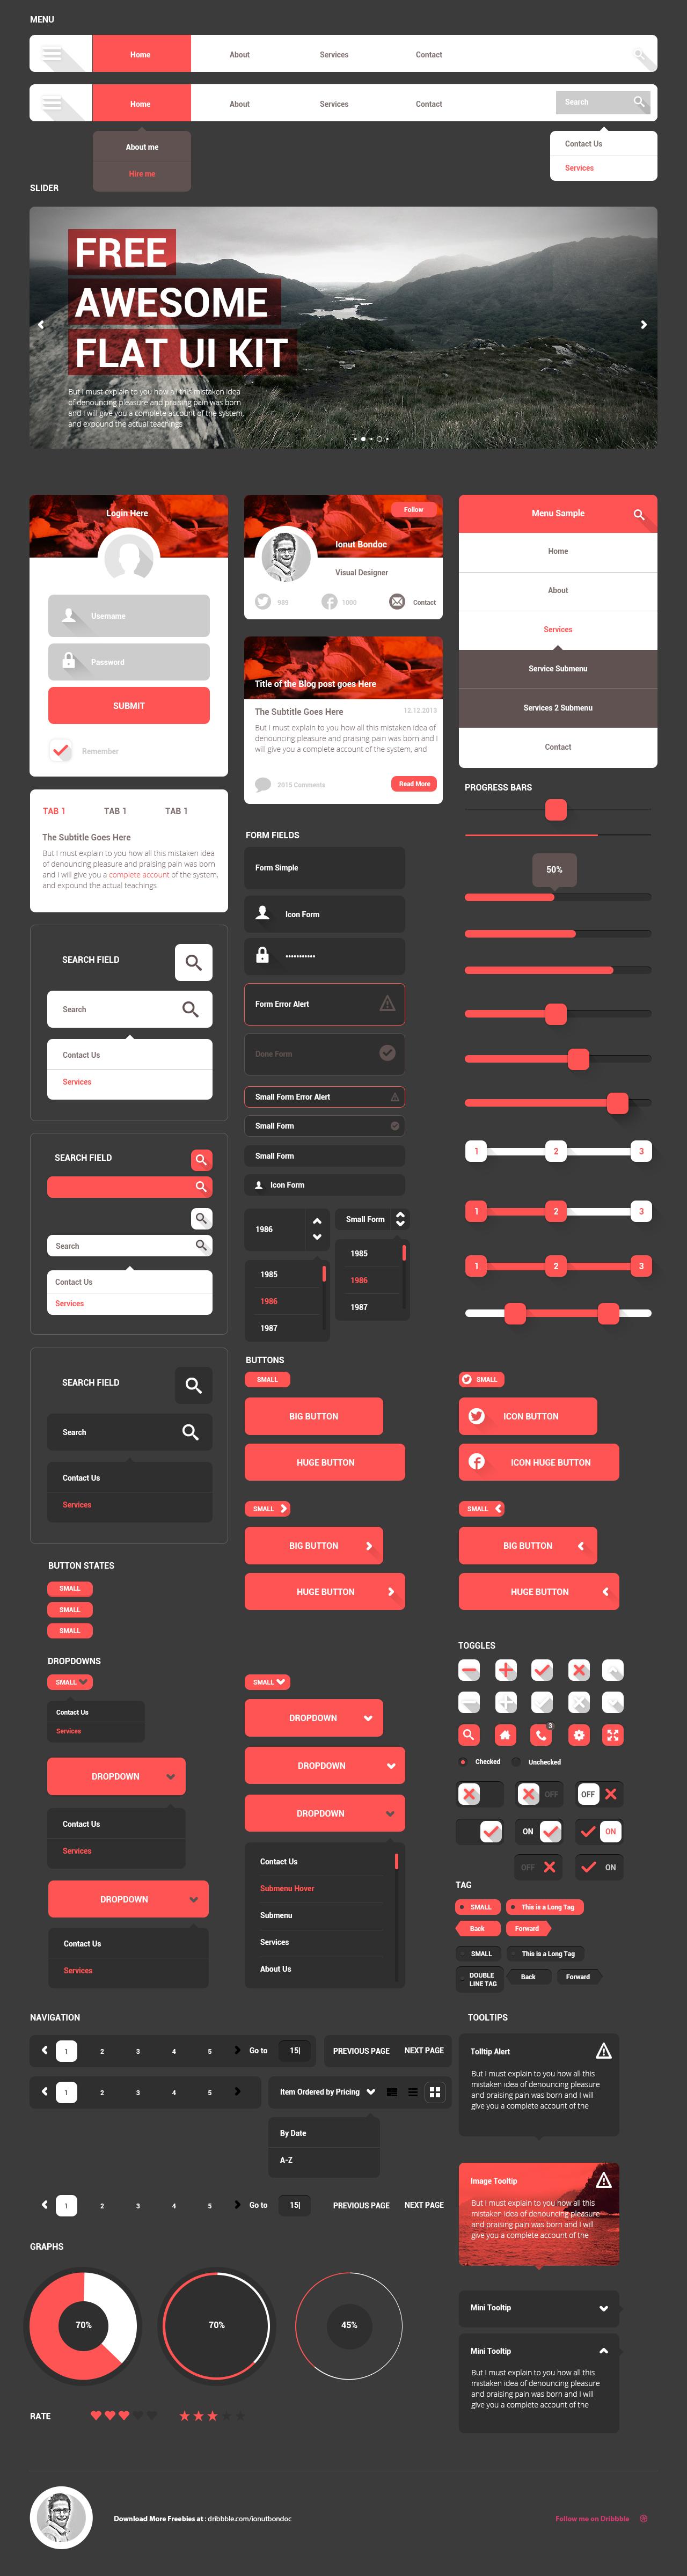 Awesome Flat UI Kit Freebie PSD